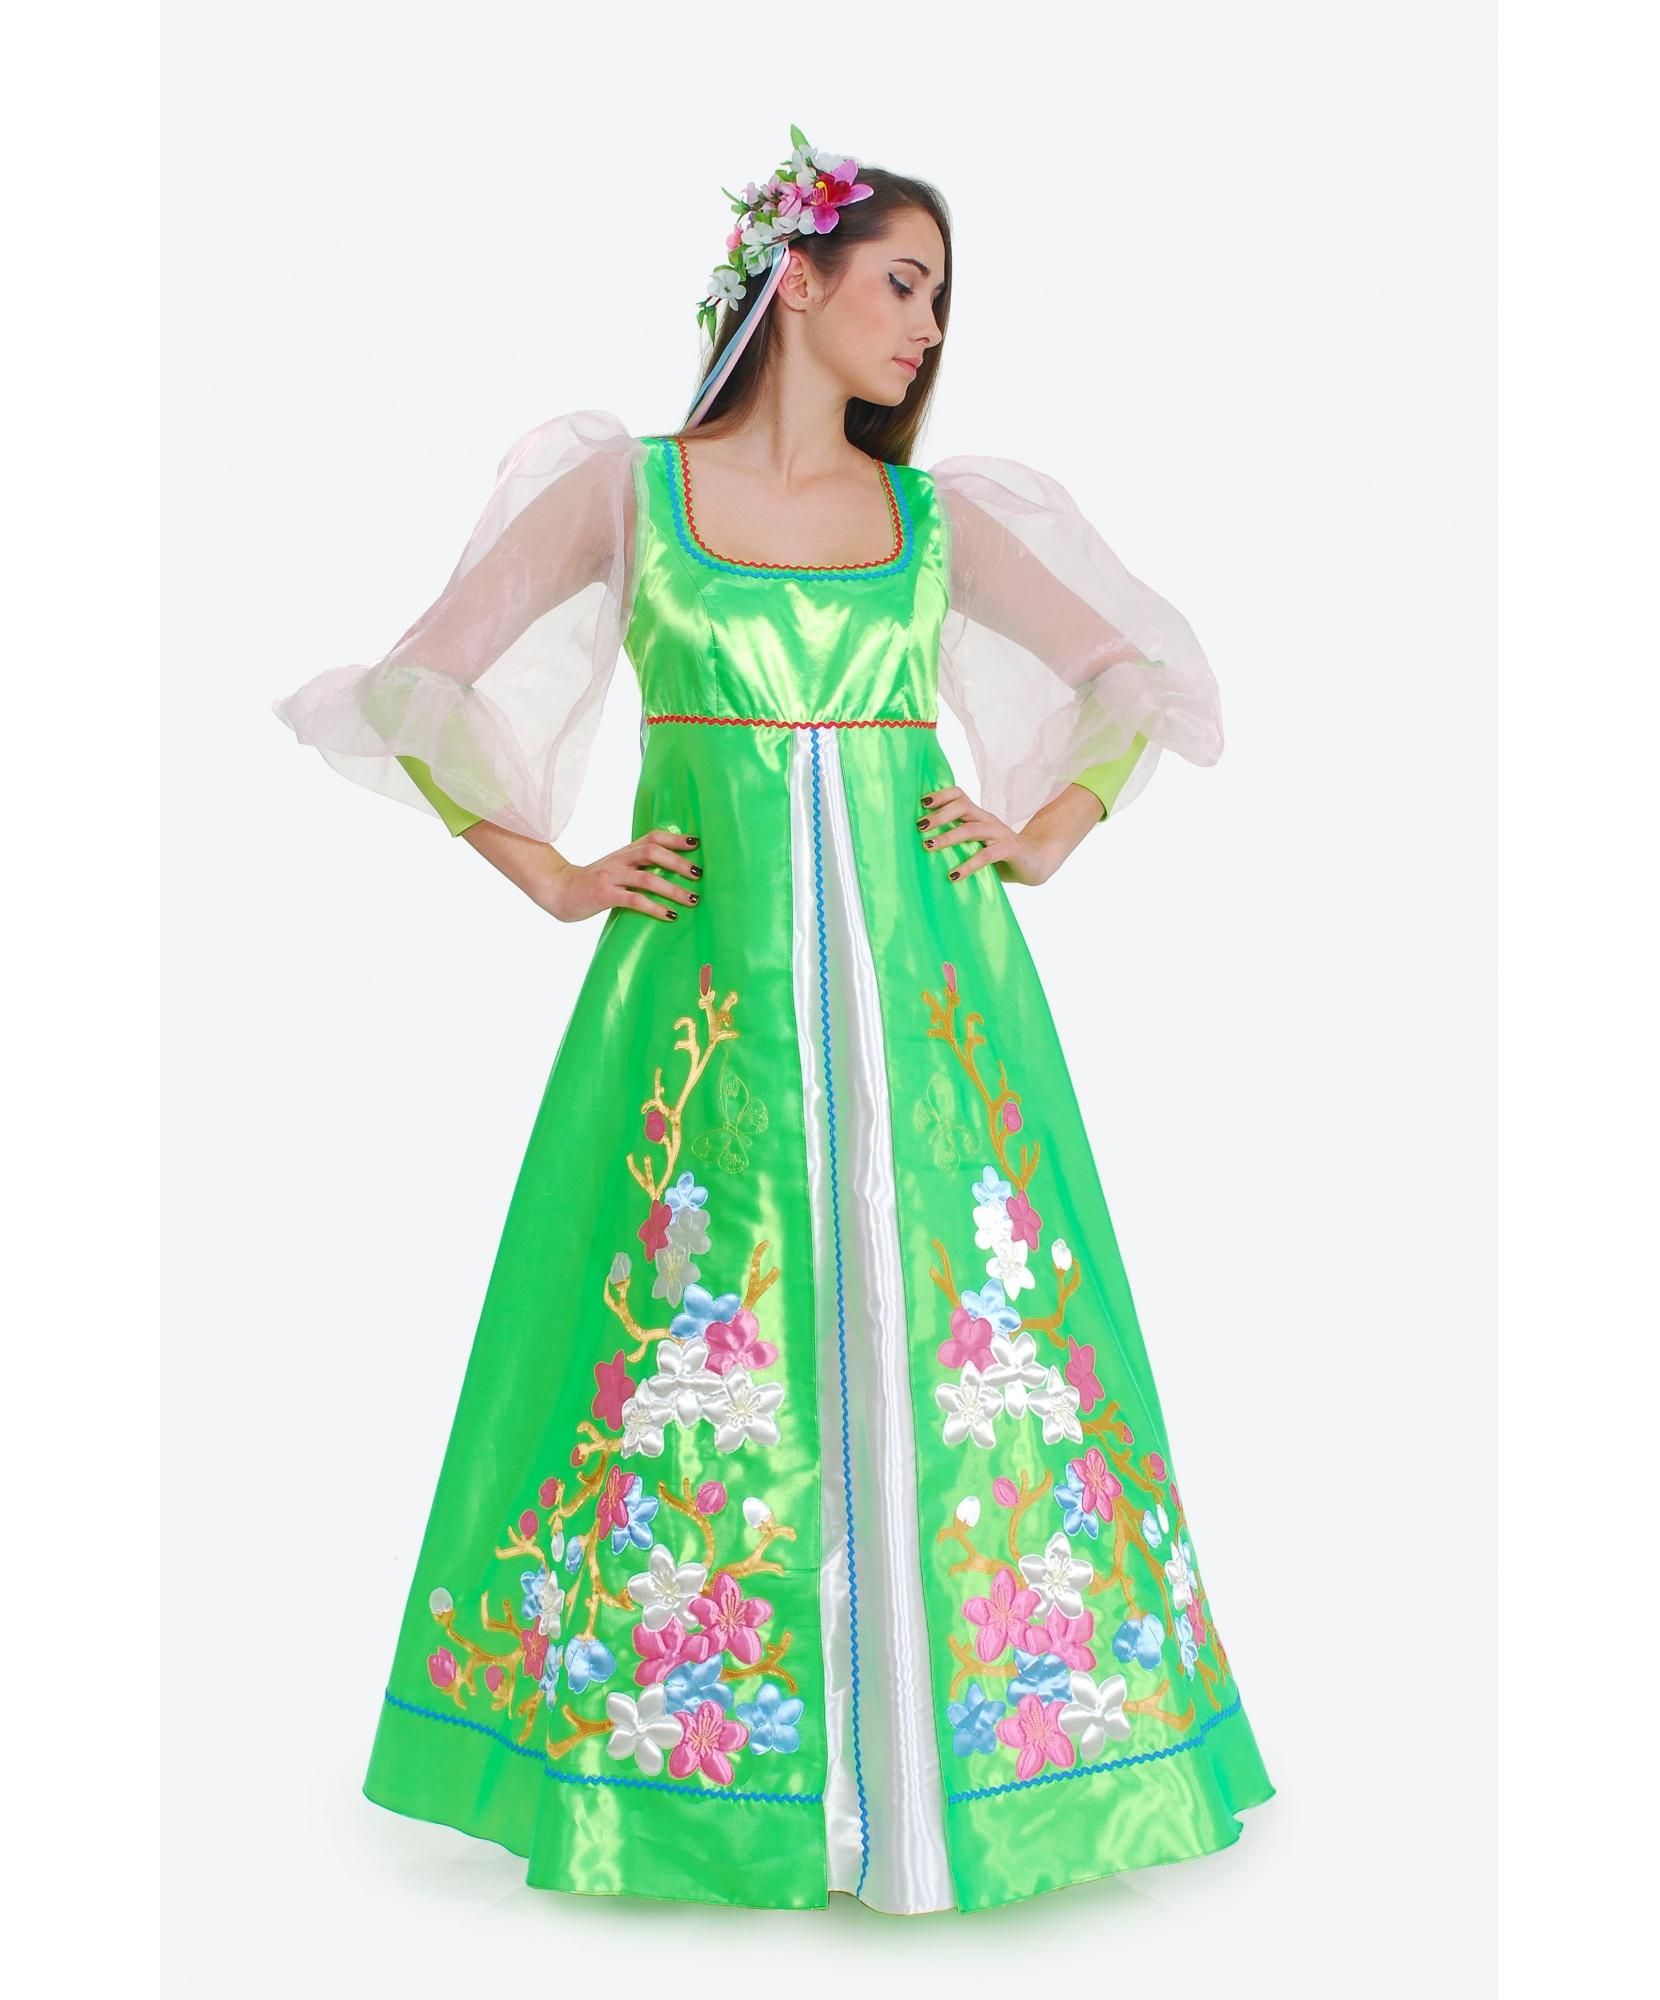 Костюм Весенняя поляна: платье, головной убор (Украина) - photo#31